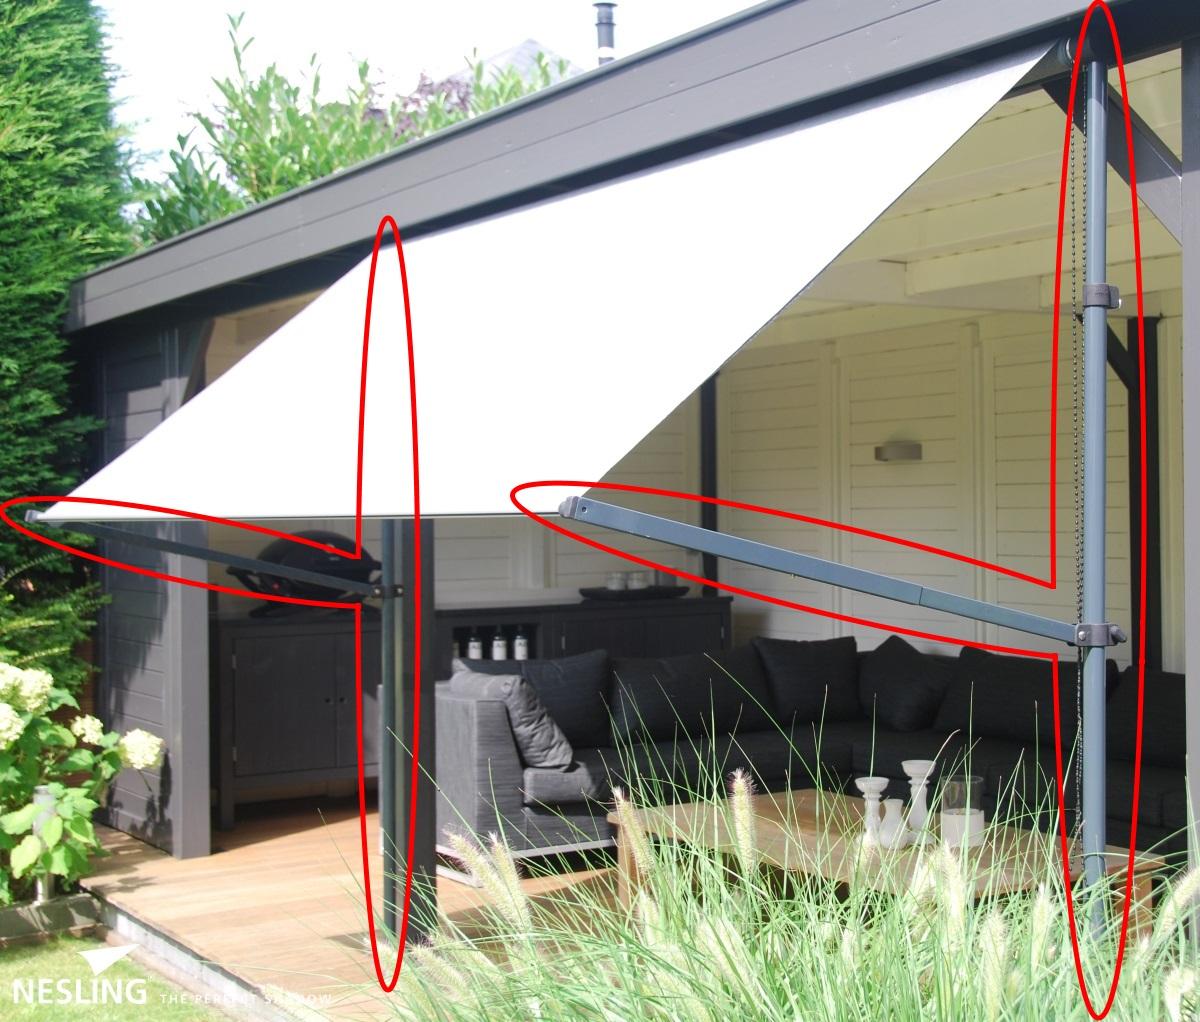 nesling flexrahmen f r balkon sonnenschirm markise coolfit. Black Bedroom Furniture Sets. Home Design Ideas